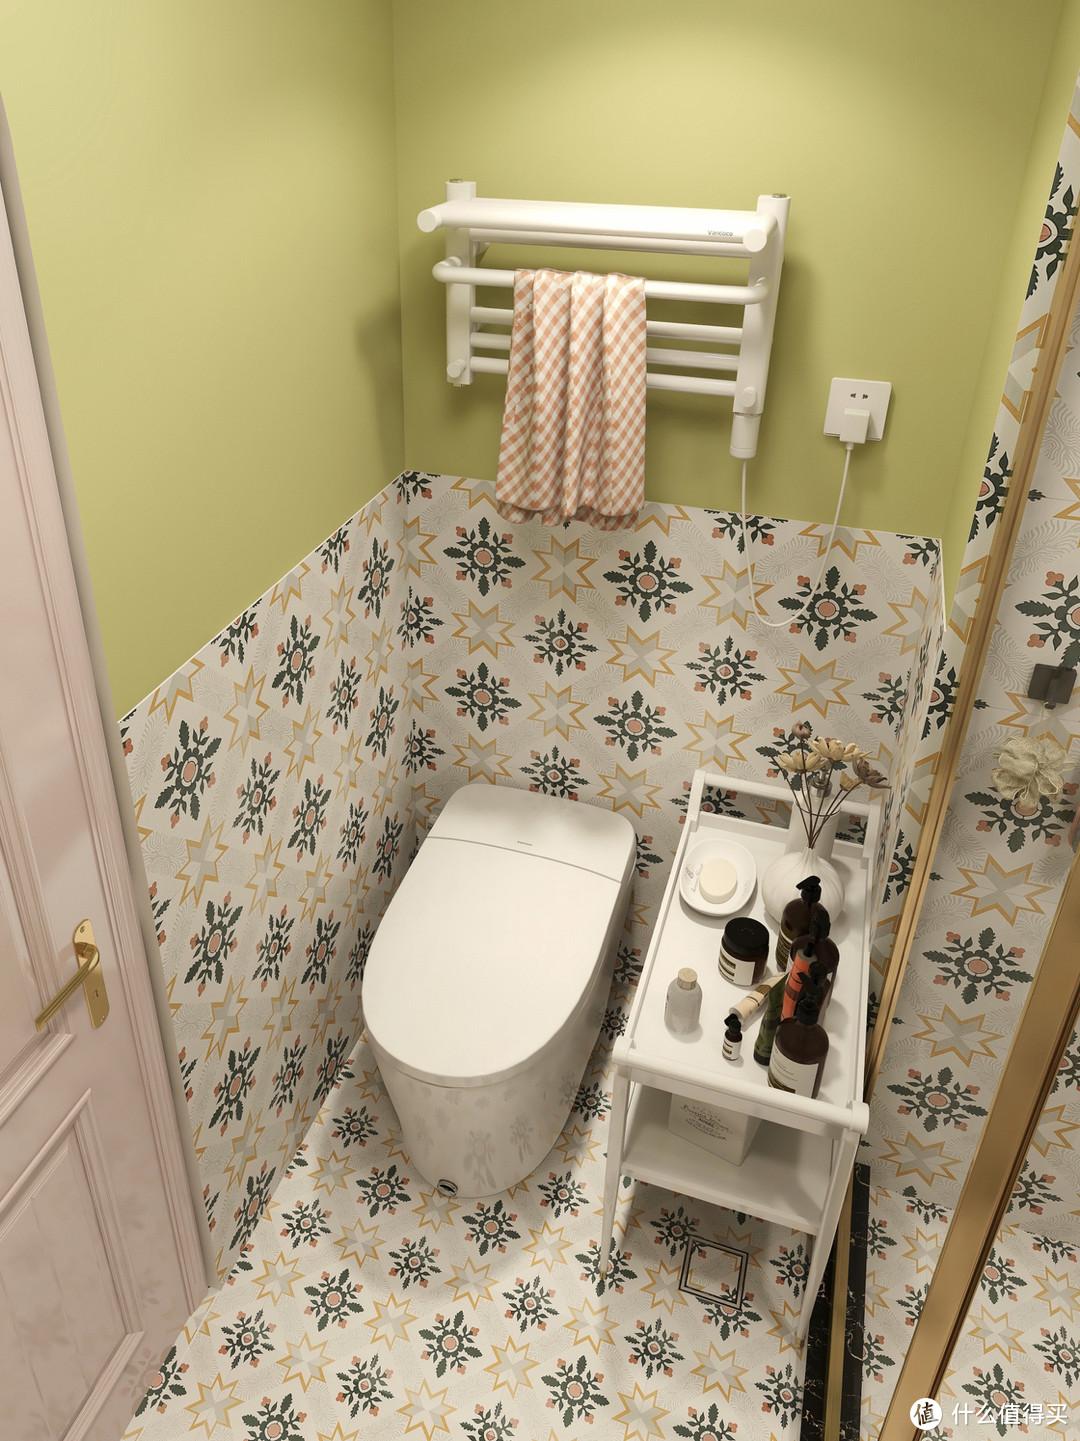 浴室装修设计,悬挂式浴室柜,颜值和实用性并存!